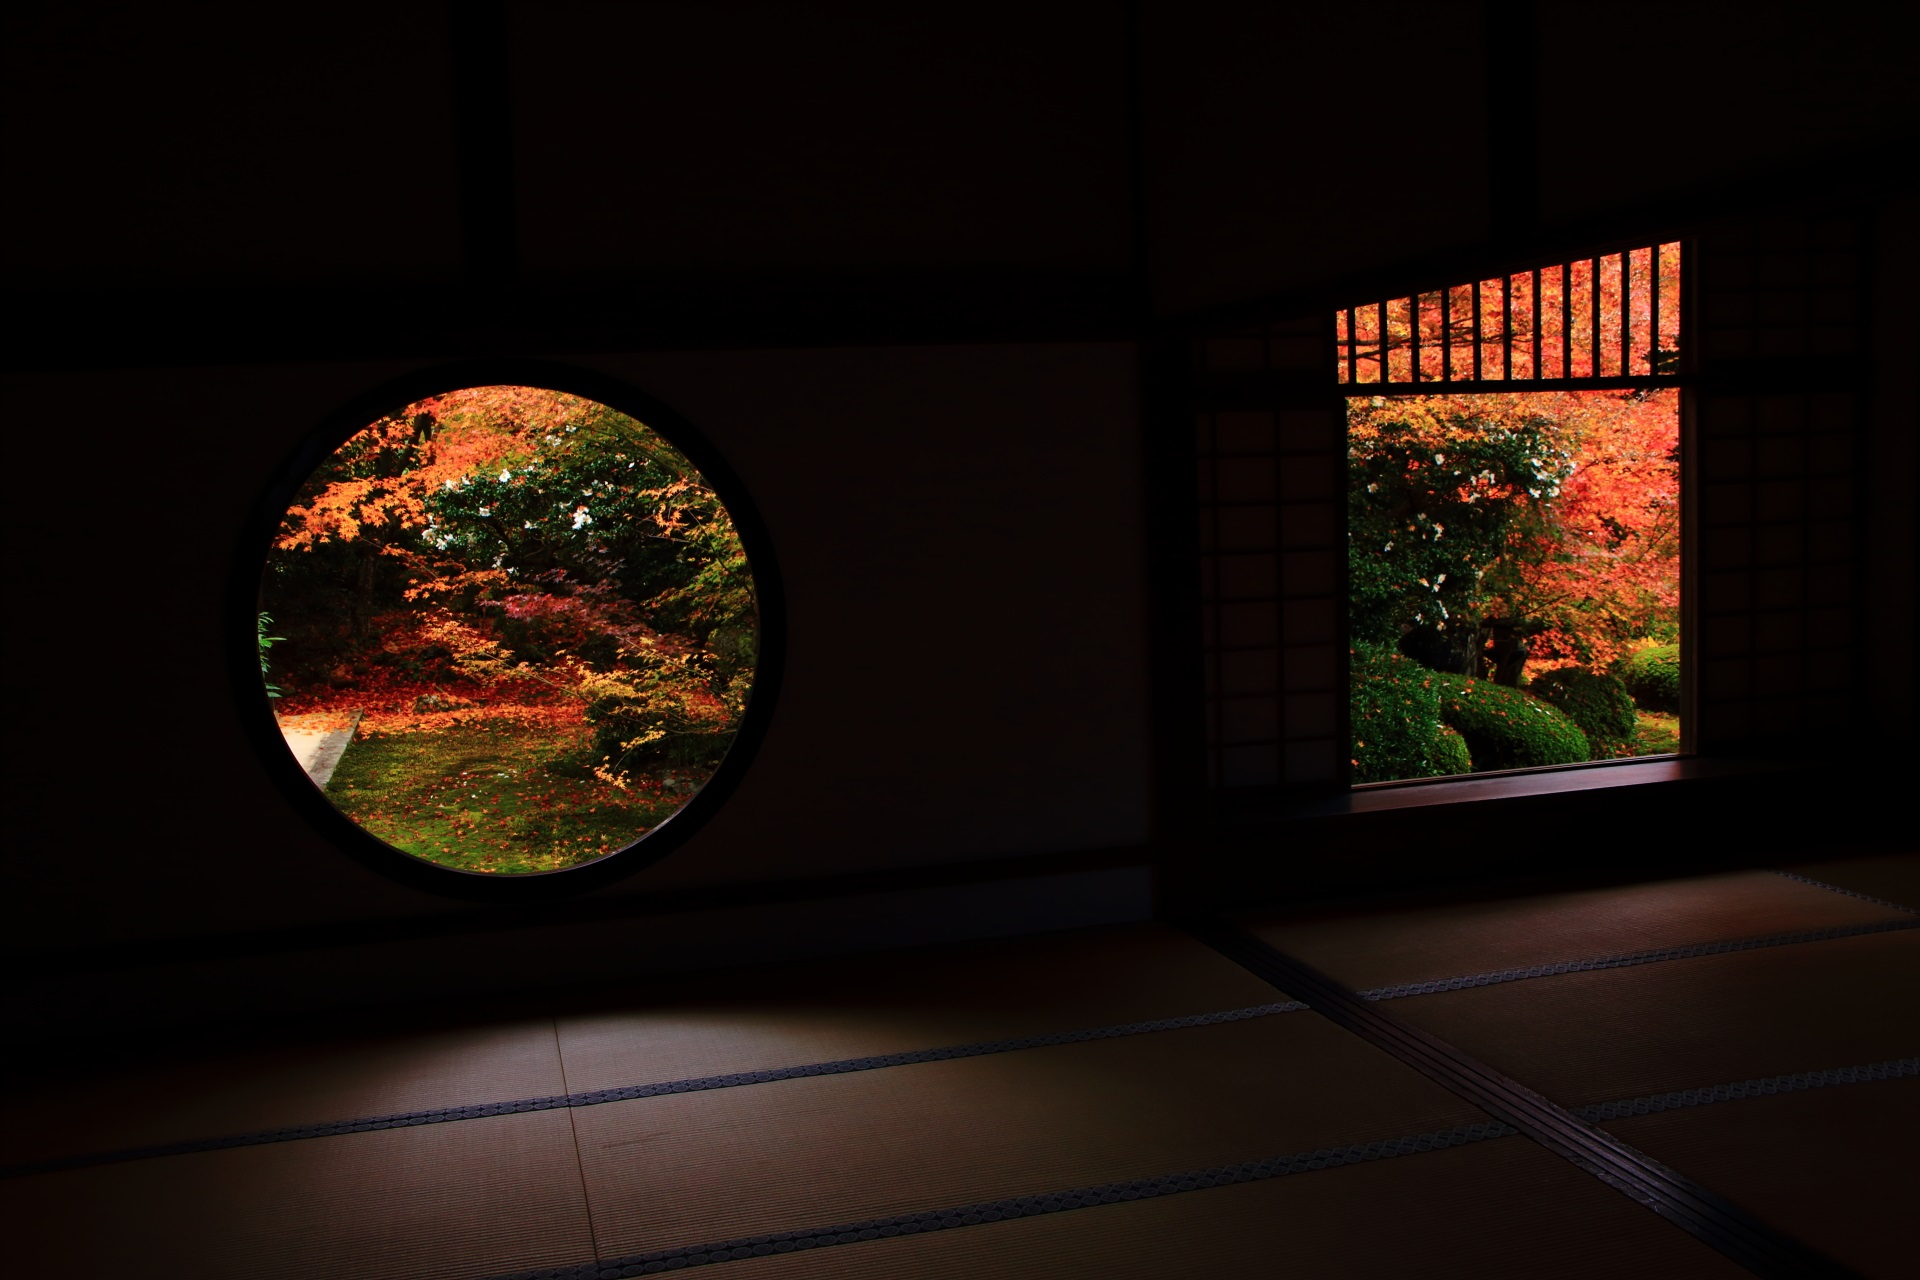 少し斜めからが綺麗に見える源光庵の悟りの窓と迷いの窓の紅葉と緑